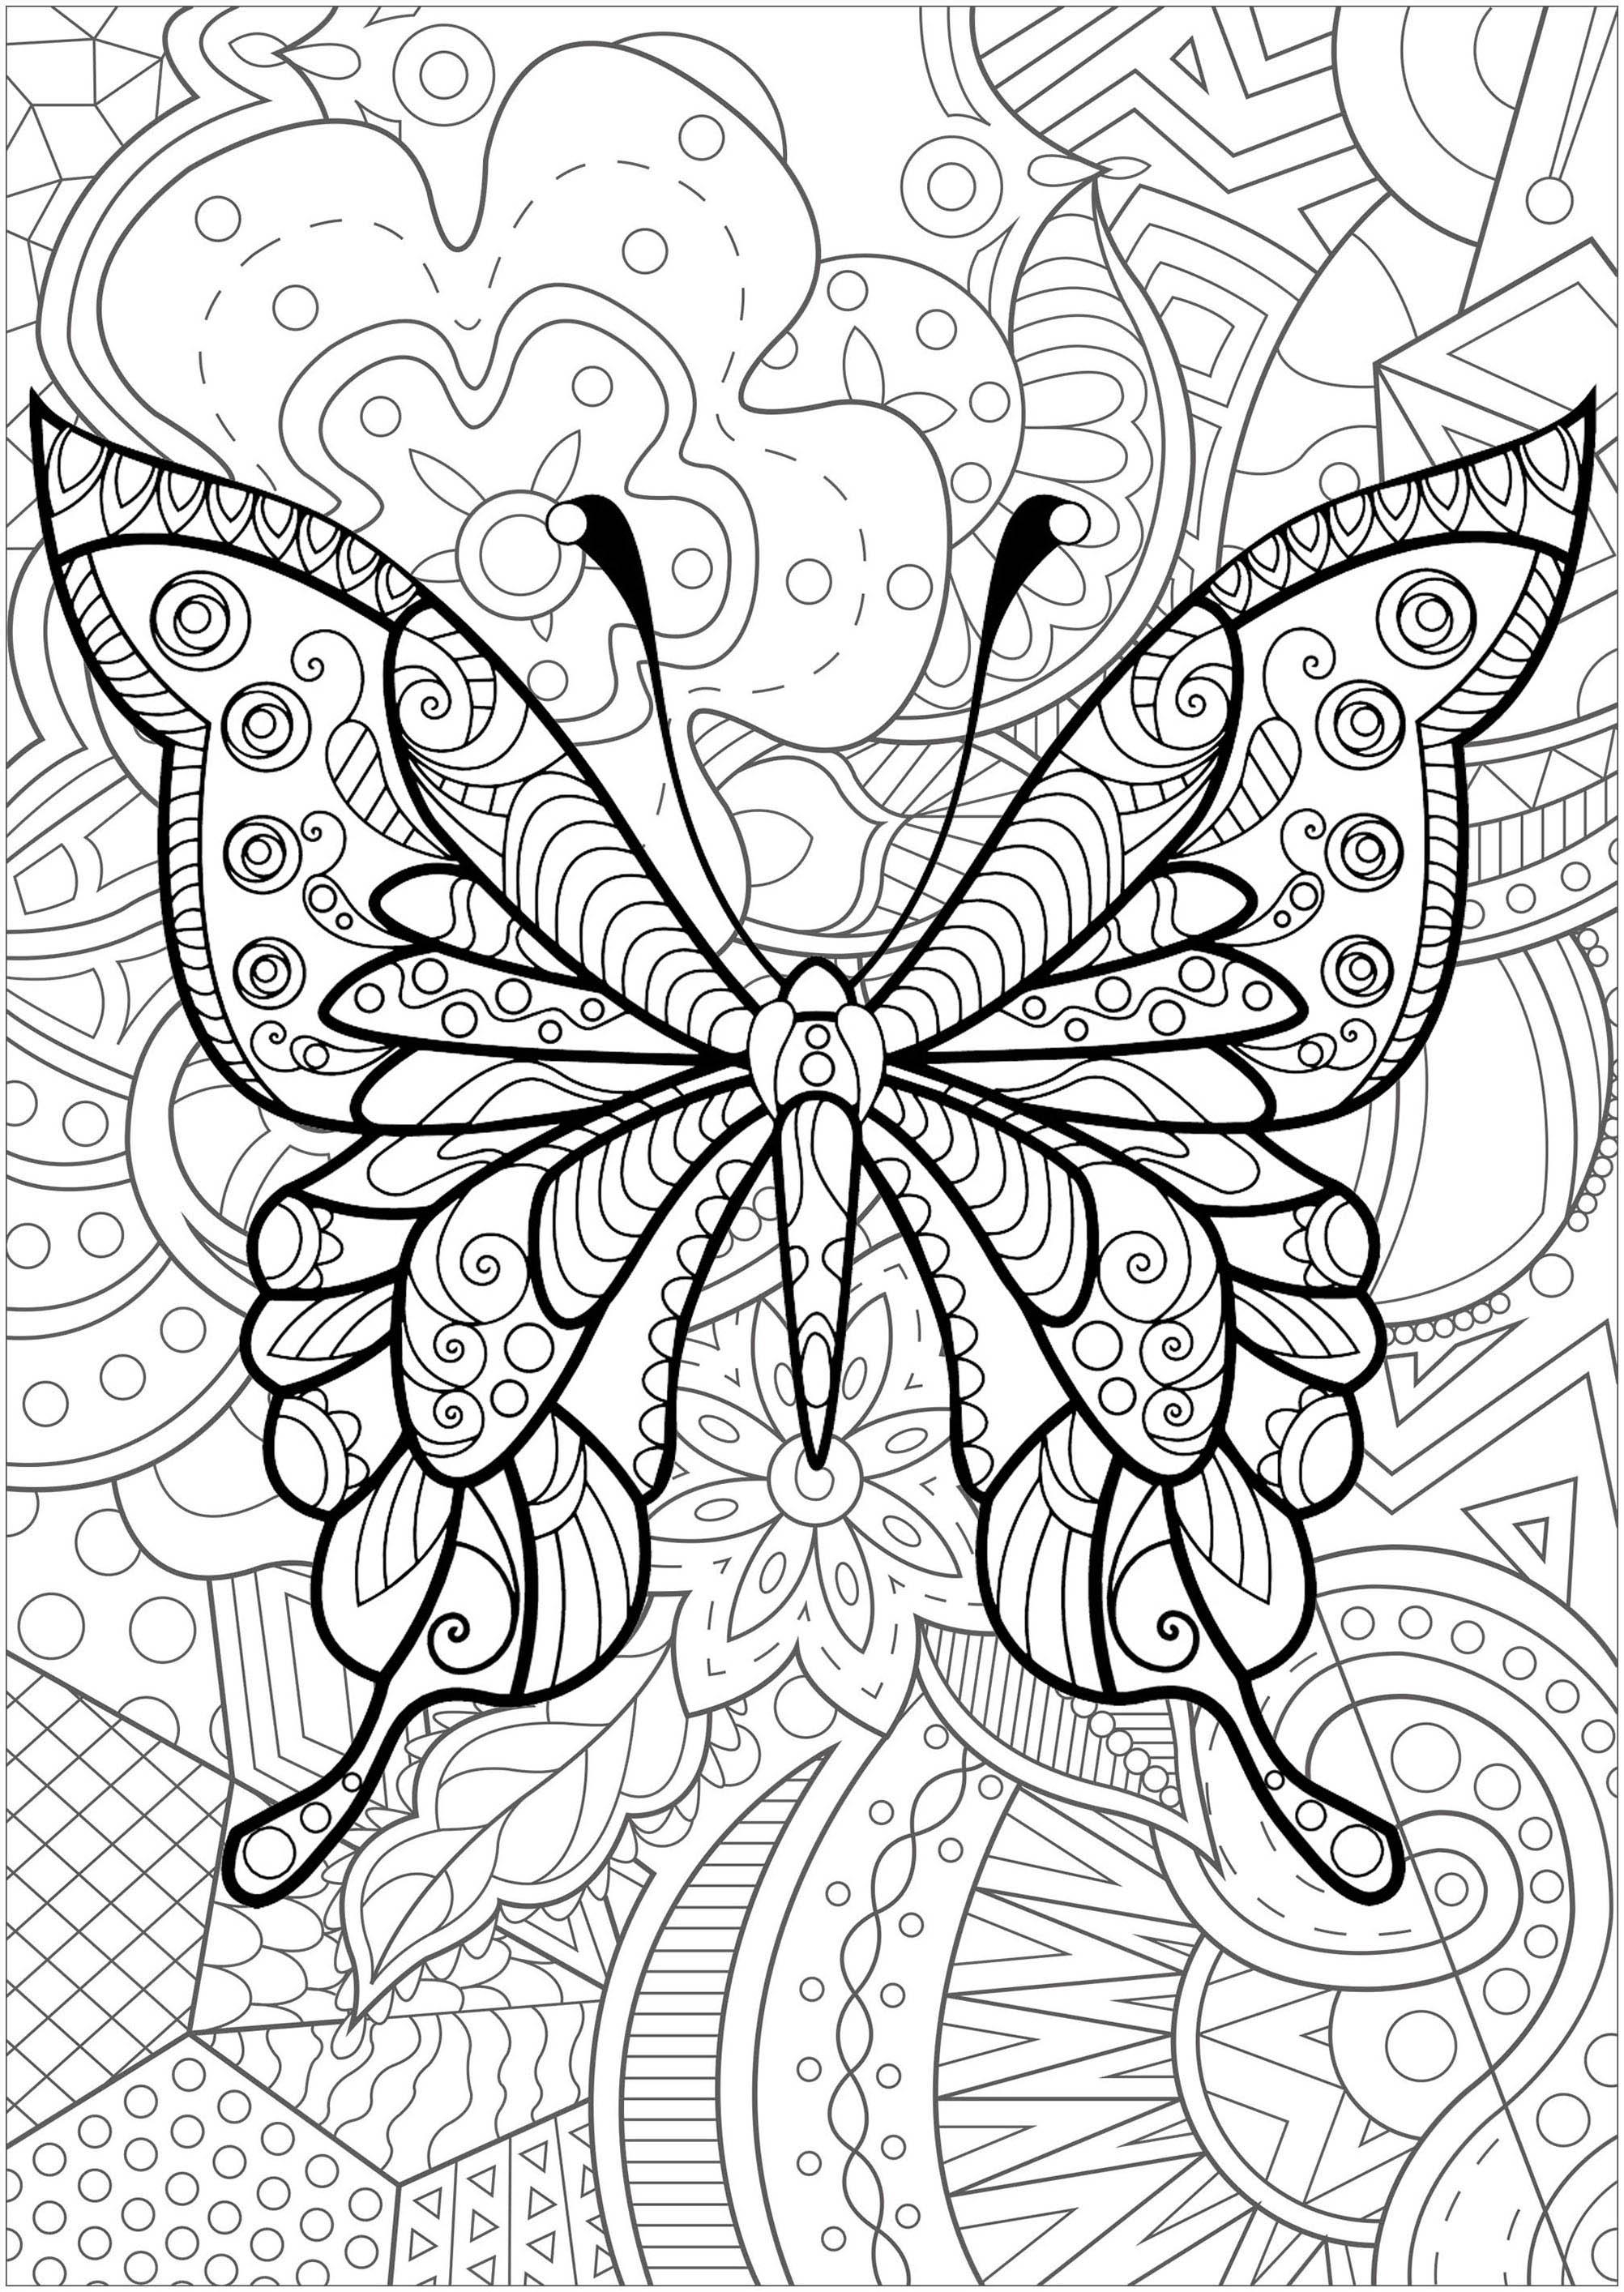 Disegni da Colorare per Adulti : Farfalle e insetti - 4